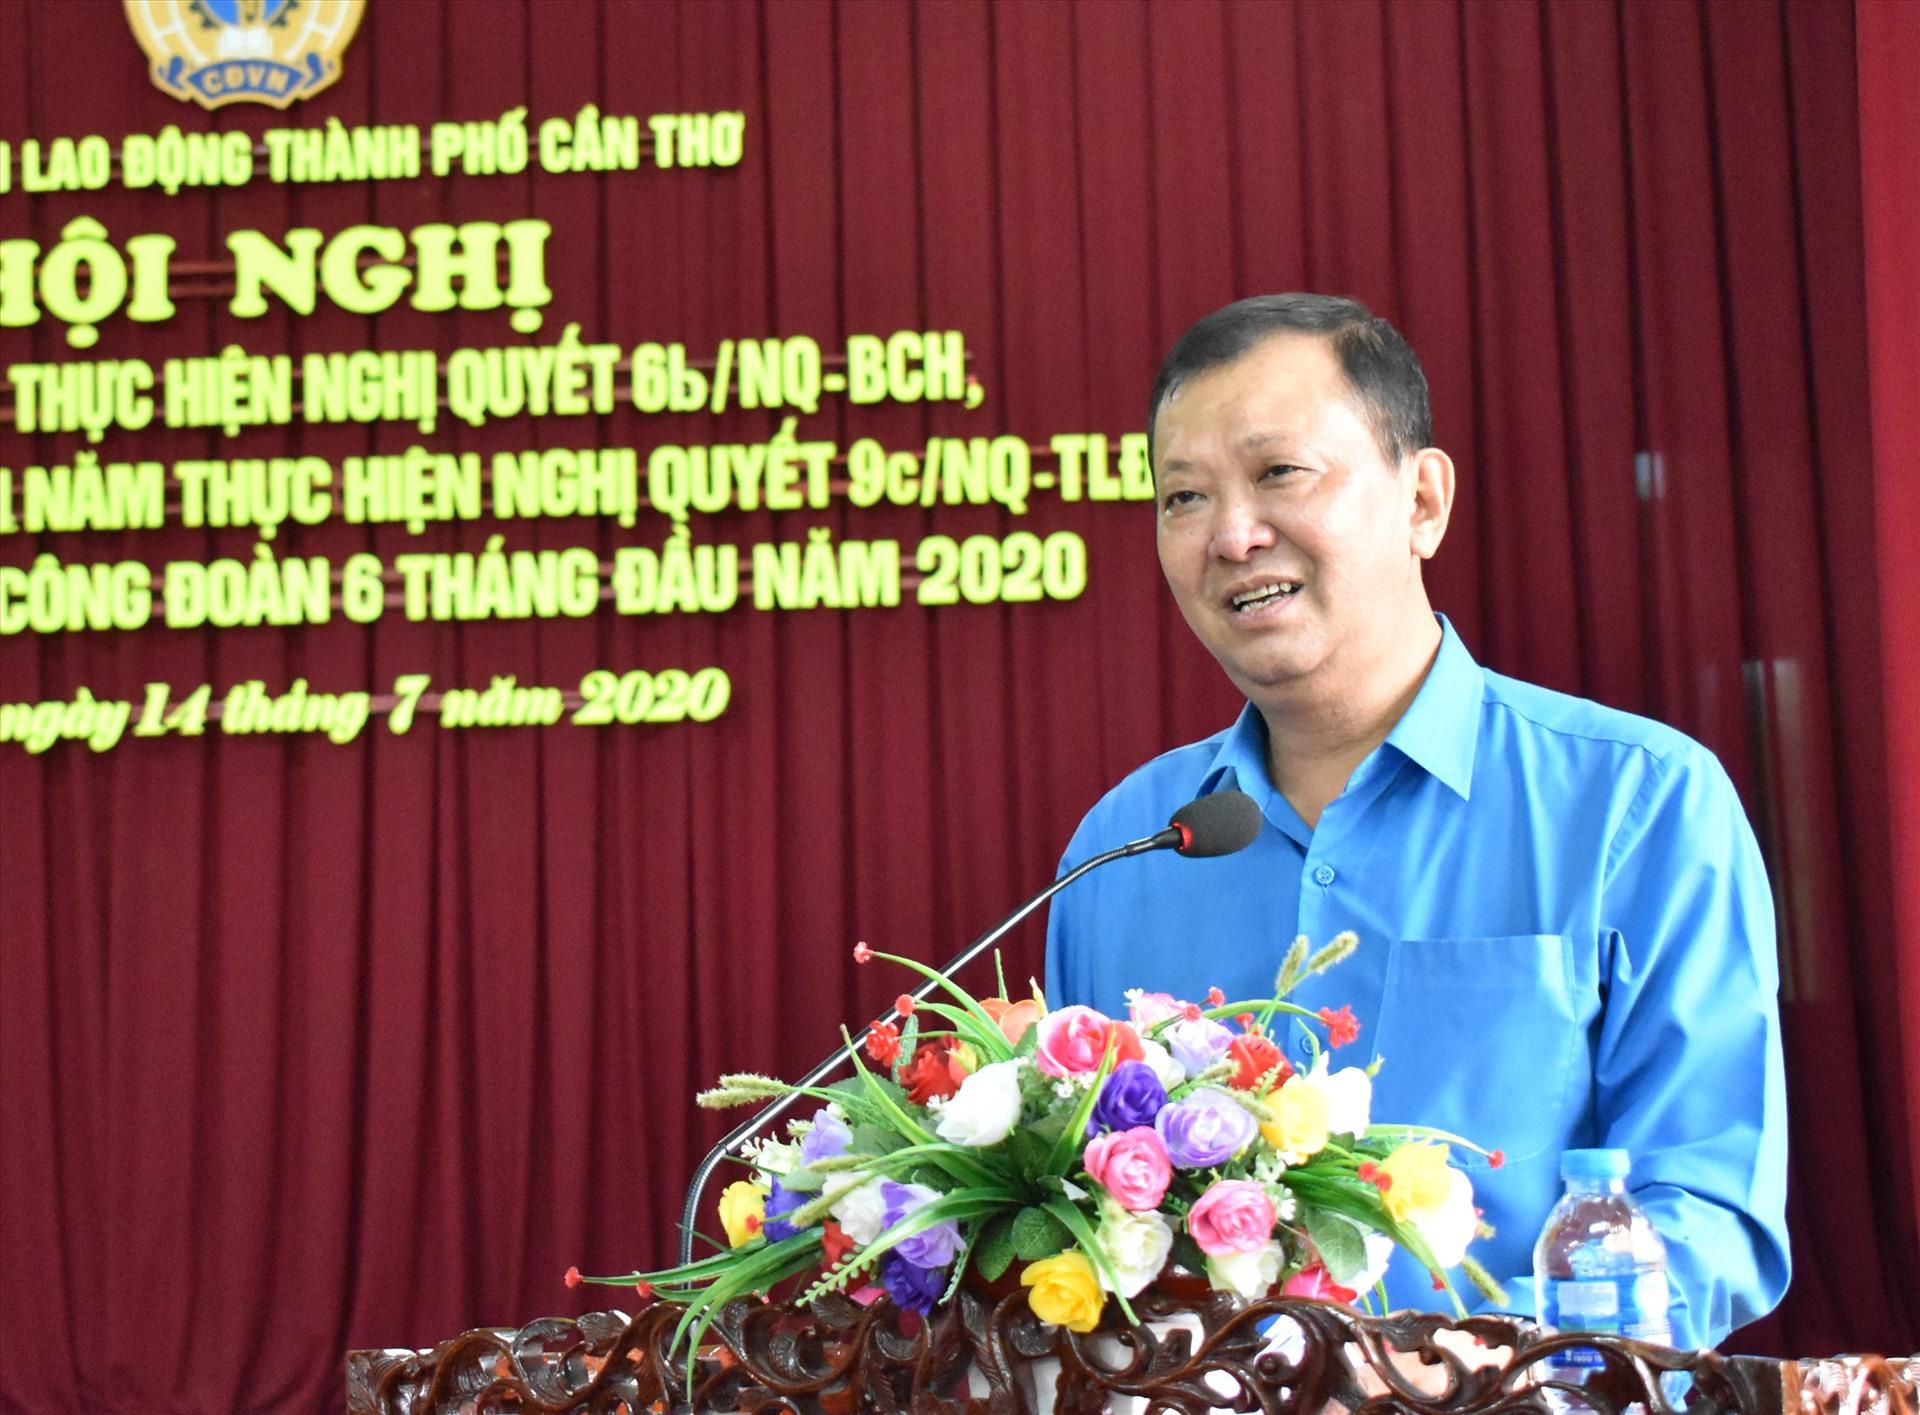 Chủ tịch LĐLĐ TP.Cần Thơ Trần Văn Tám phát biểu tại hội nghị. Ảnh: Thành Nhân